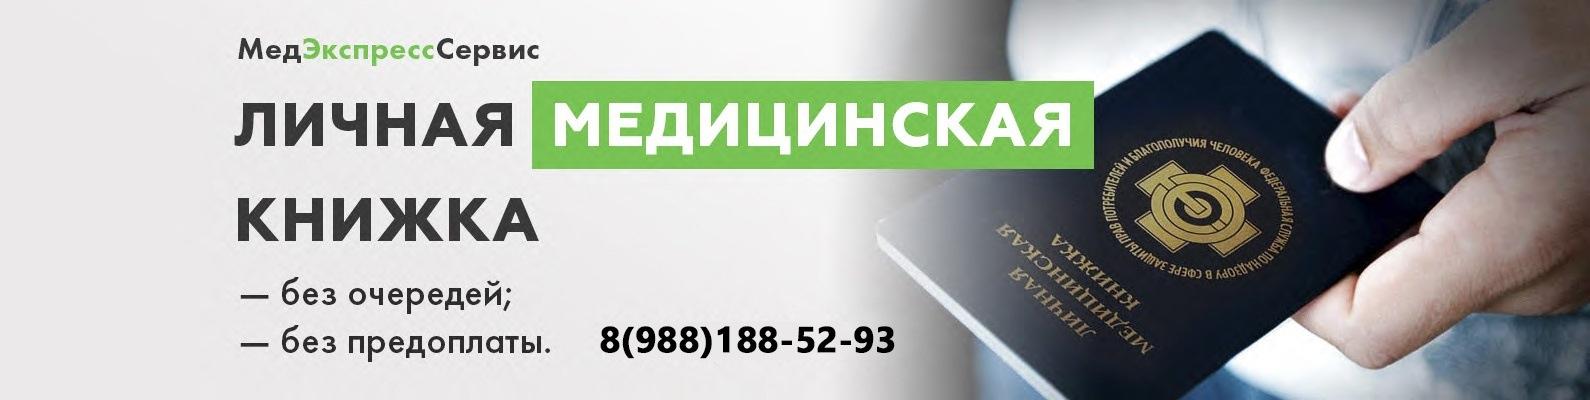 Продлить медицинскую книжку в Электрогорске недорого без медосмотра недорого